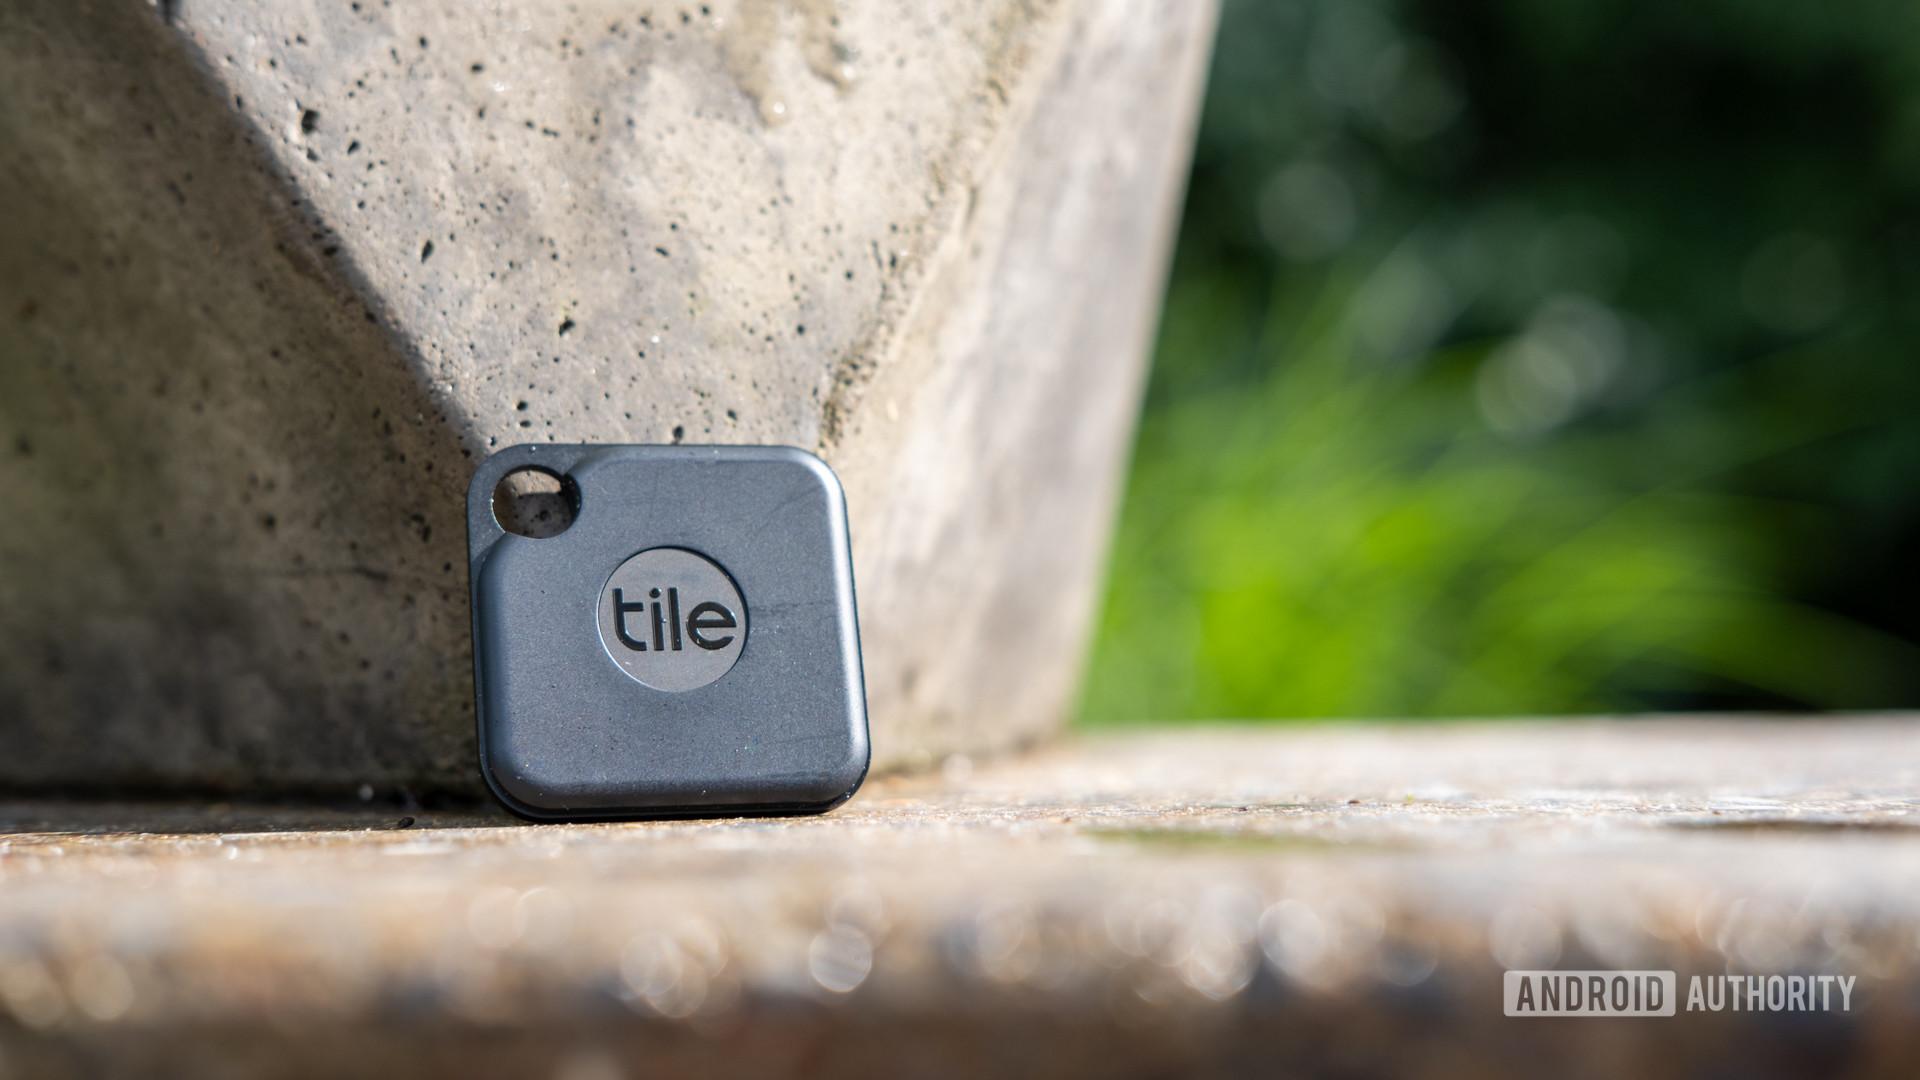 Hình ảnh của Tile Pro trên mặt bàn xi măng